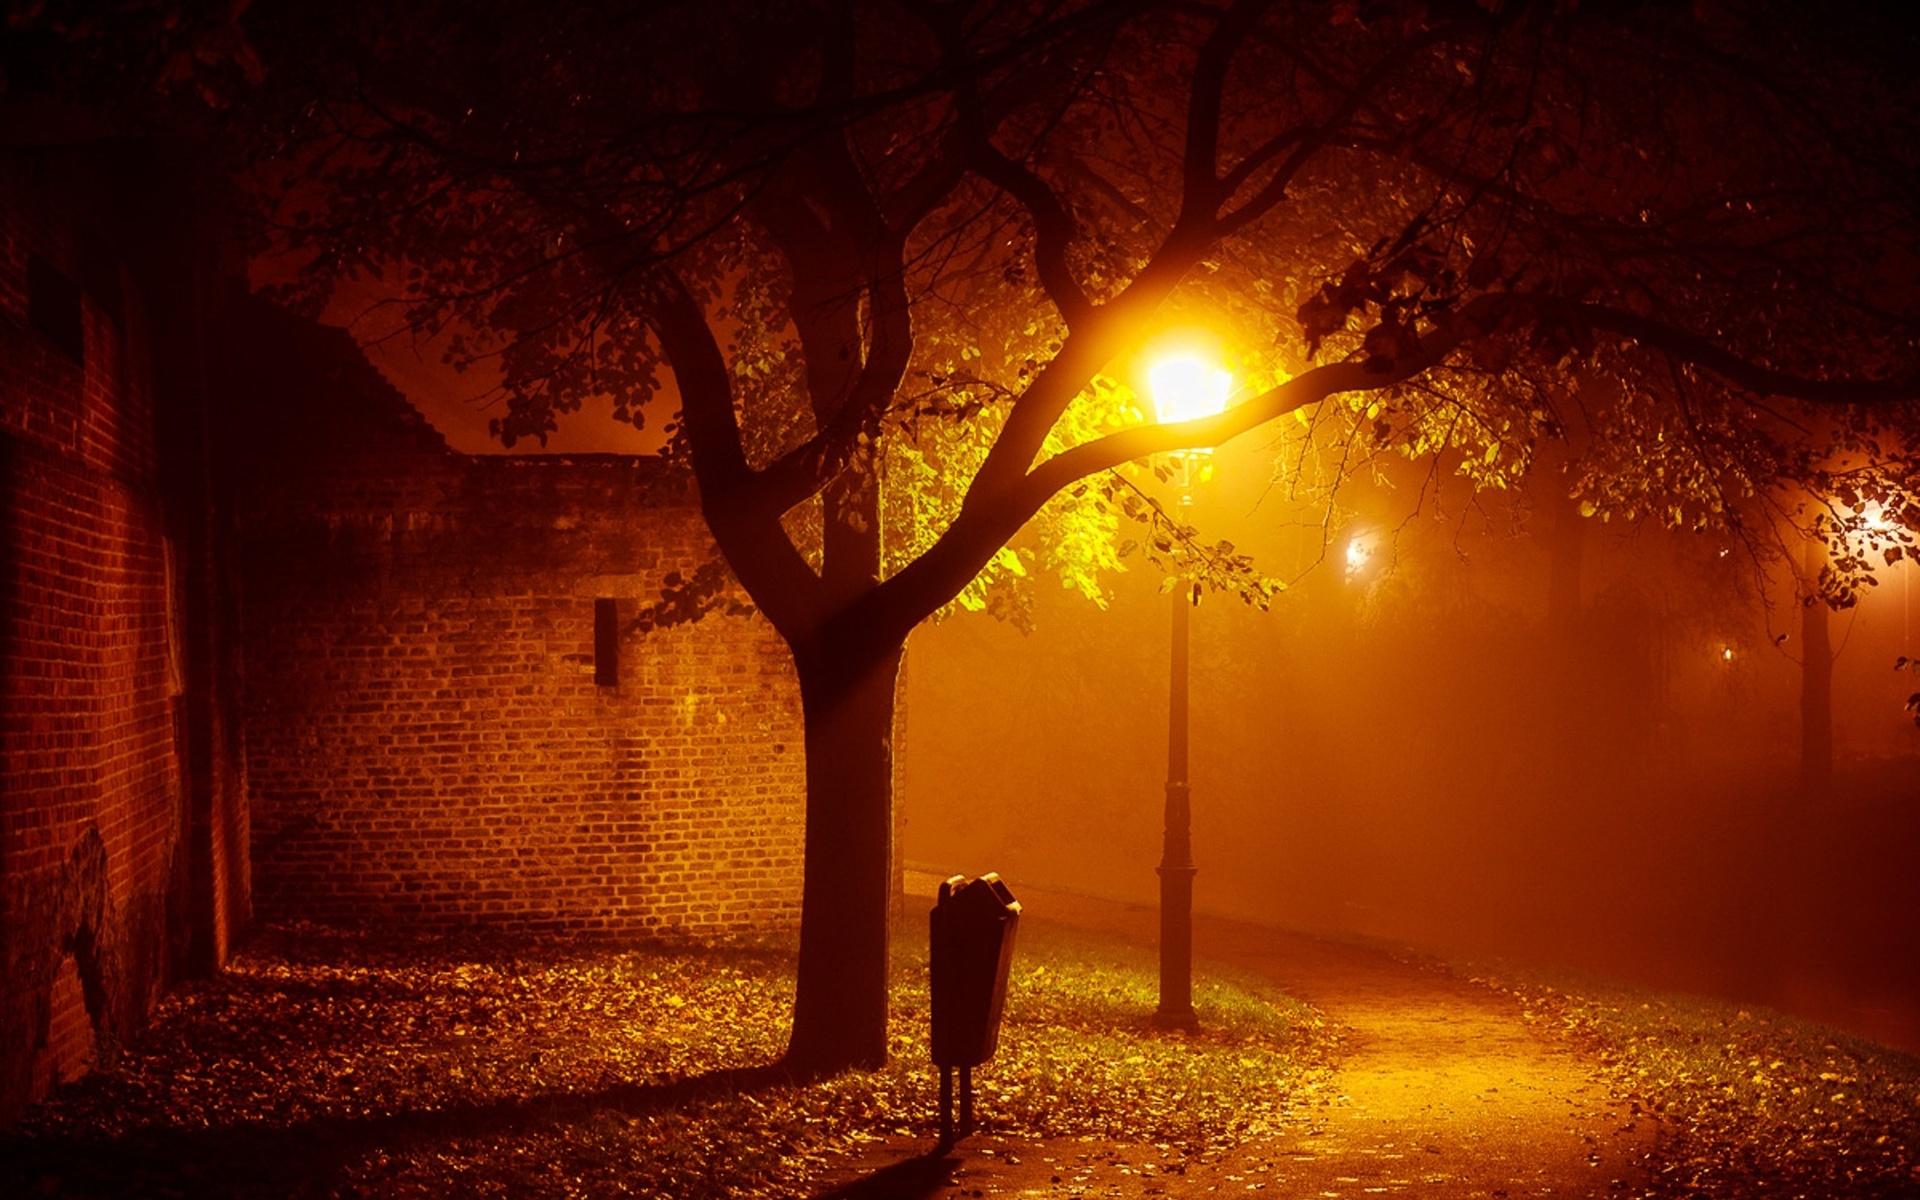 Франция дороги ночь фонари  № 2229361  скачать